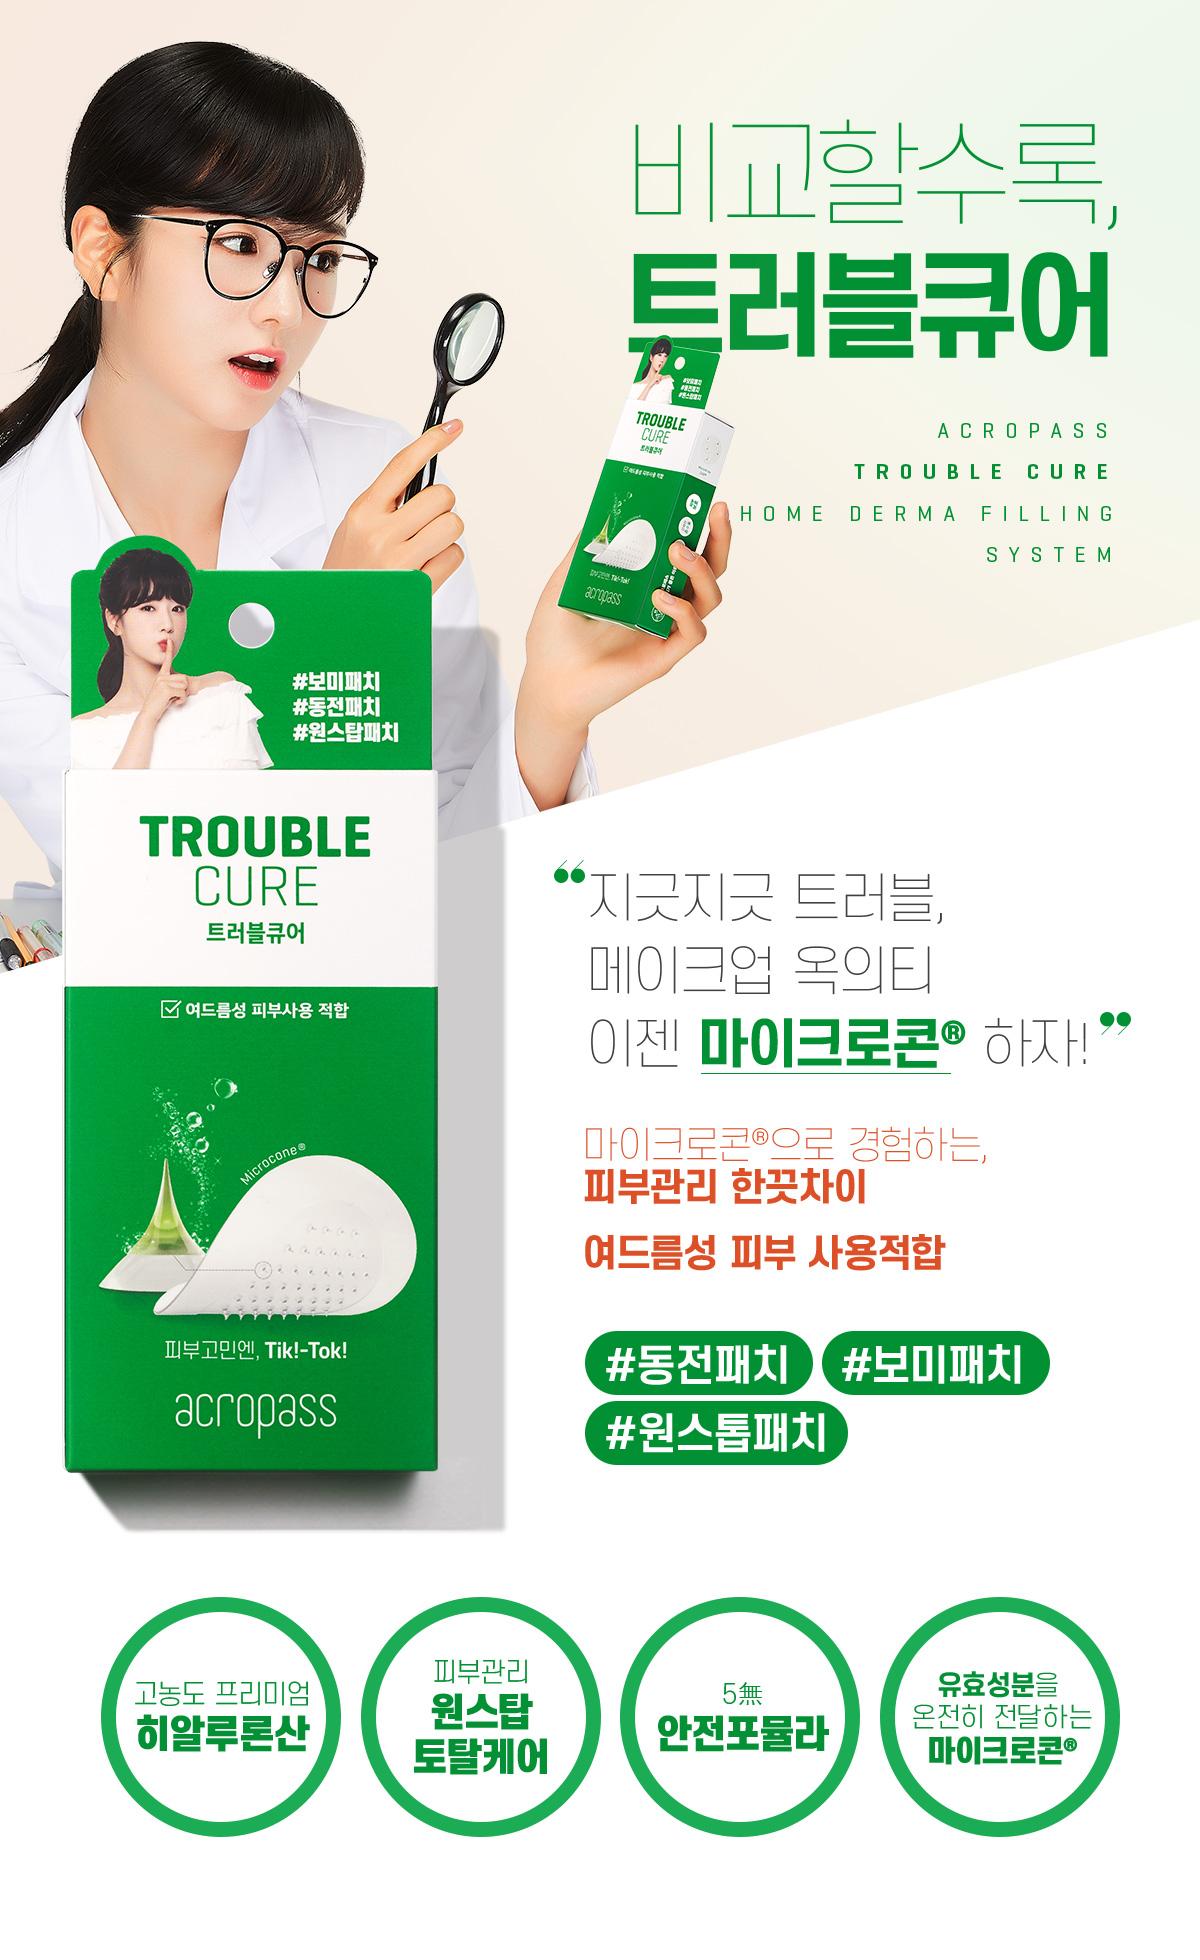 trouble_cure_01_1.jpg